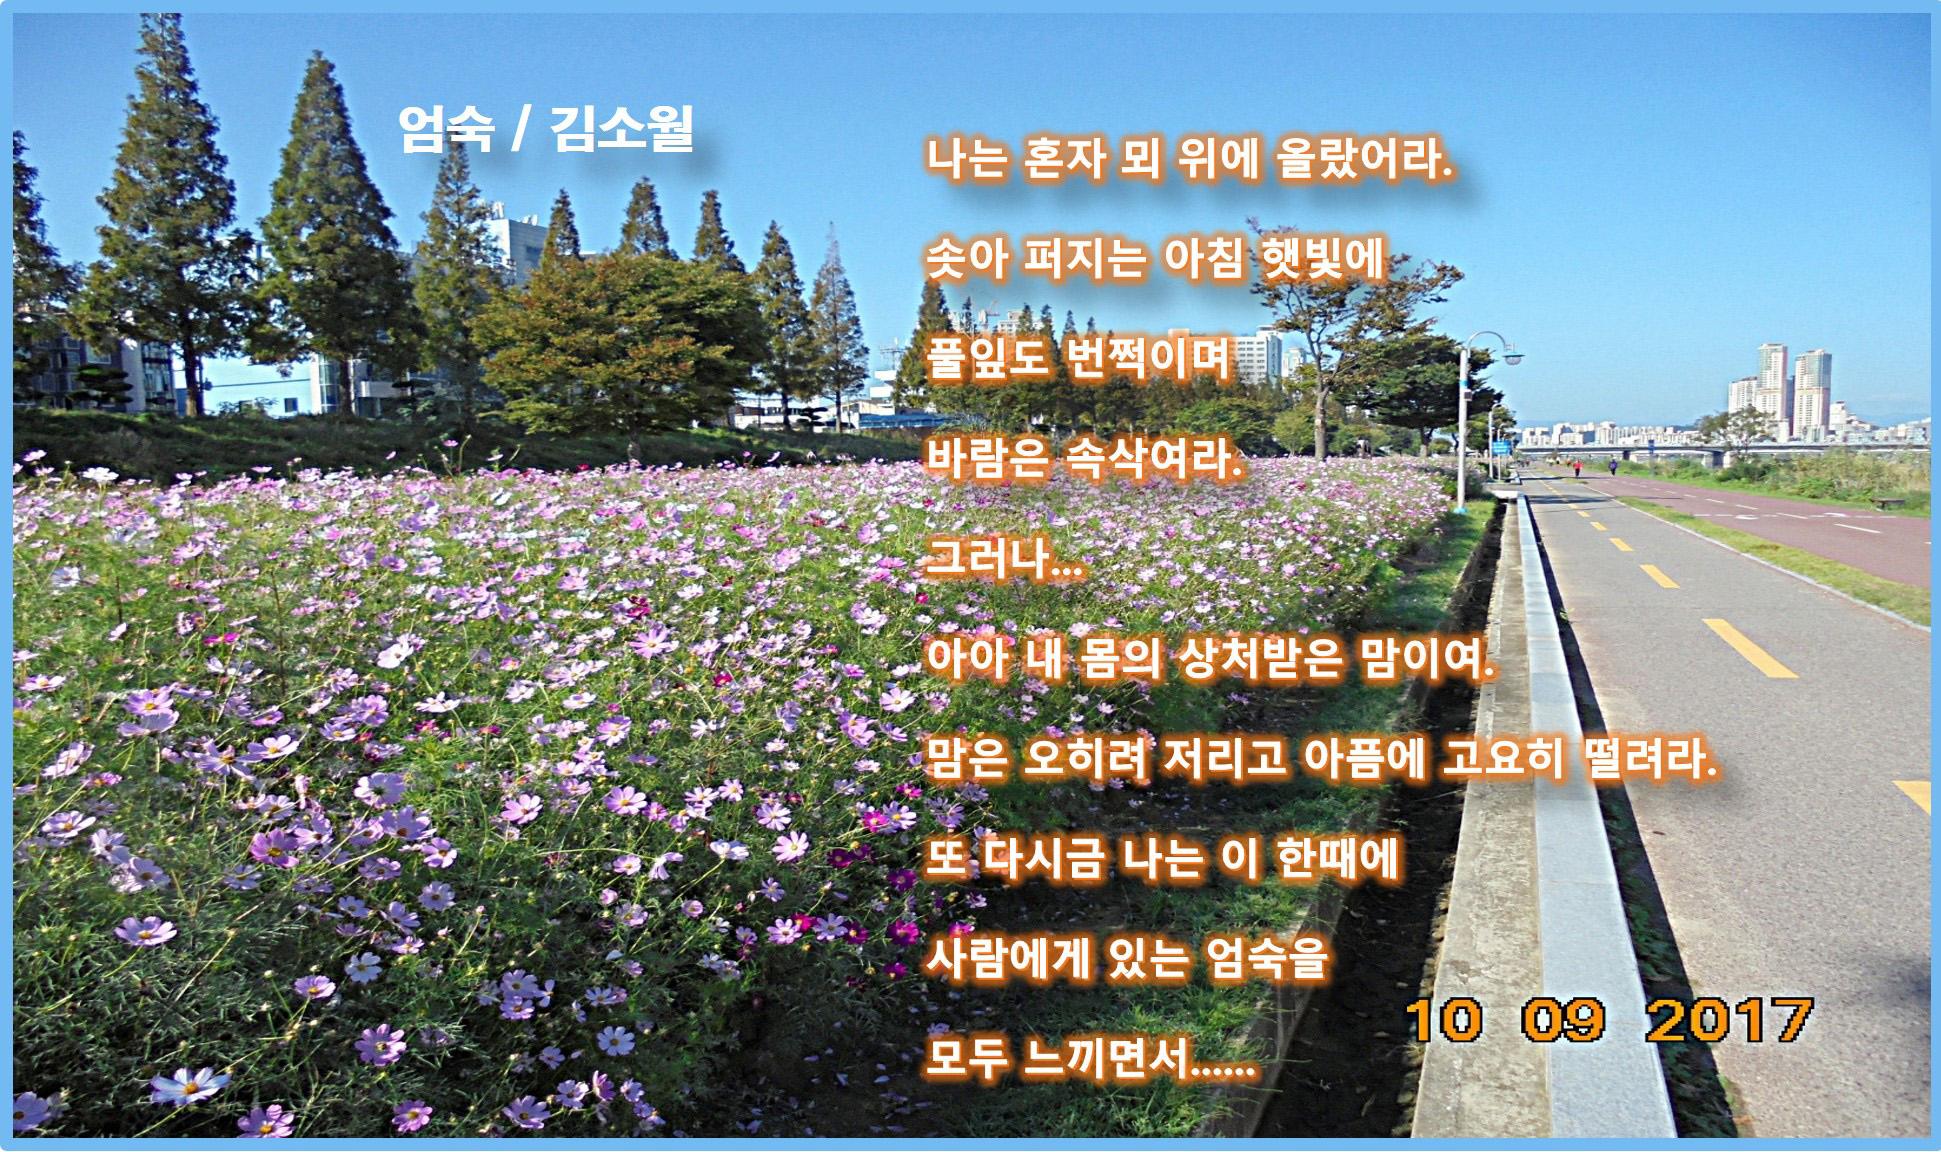 이 글은 파워포인트에서 만든 이미지입니다 엄숙 / 김소월